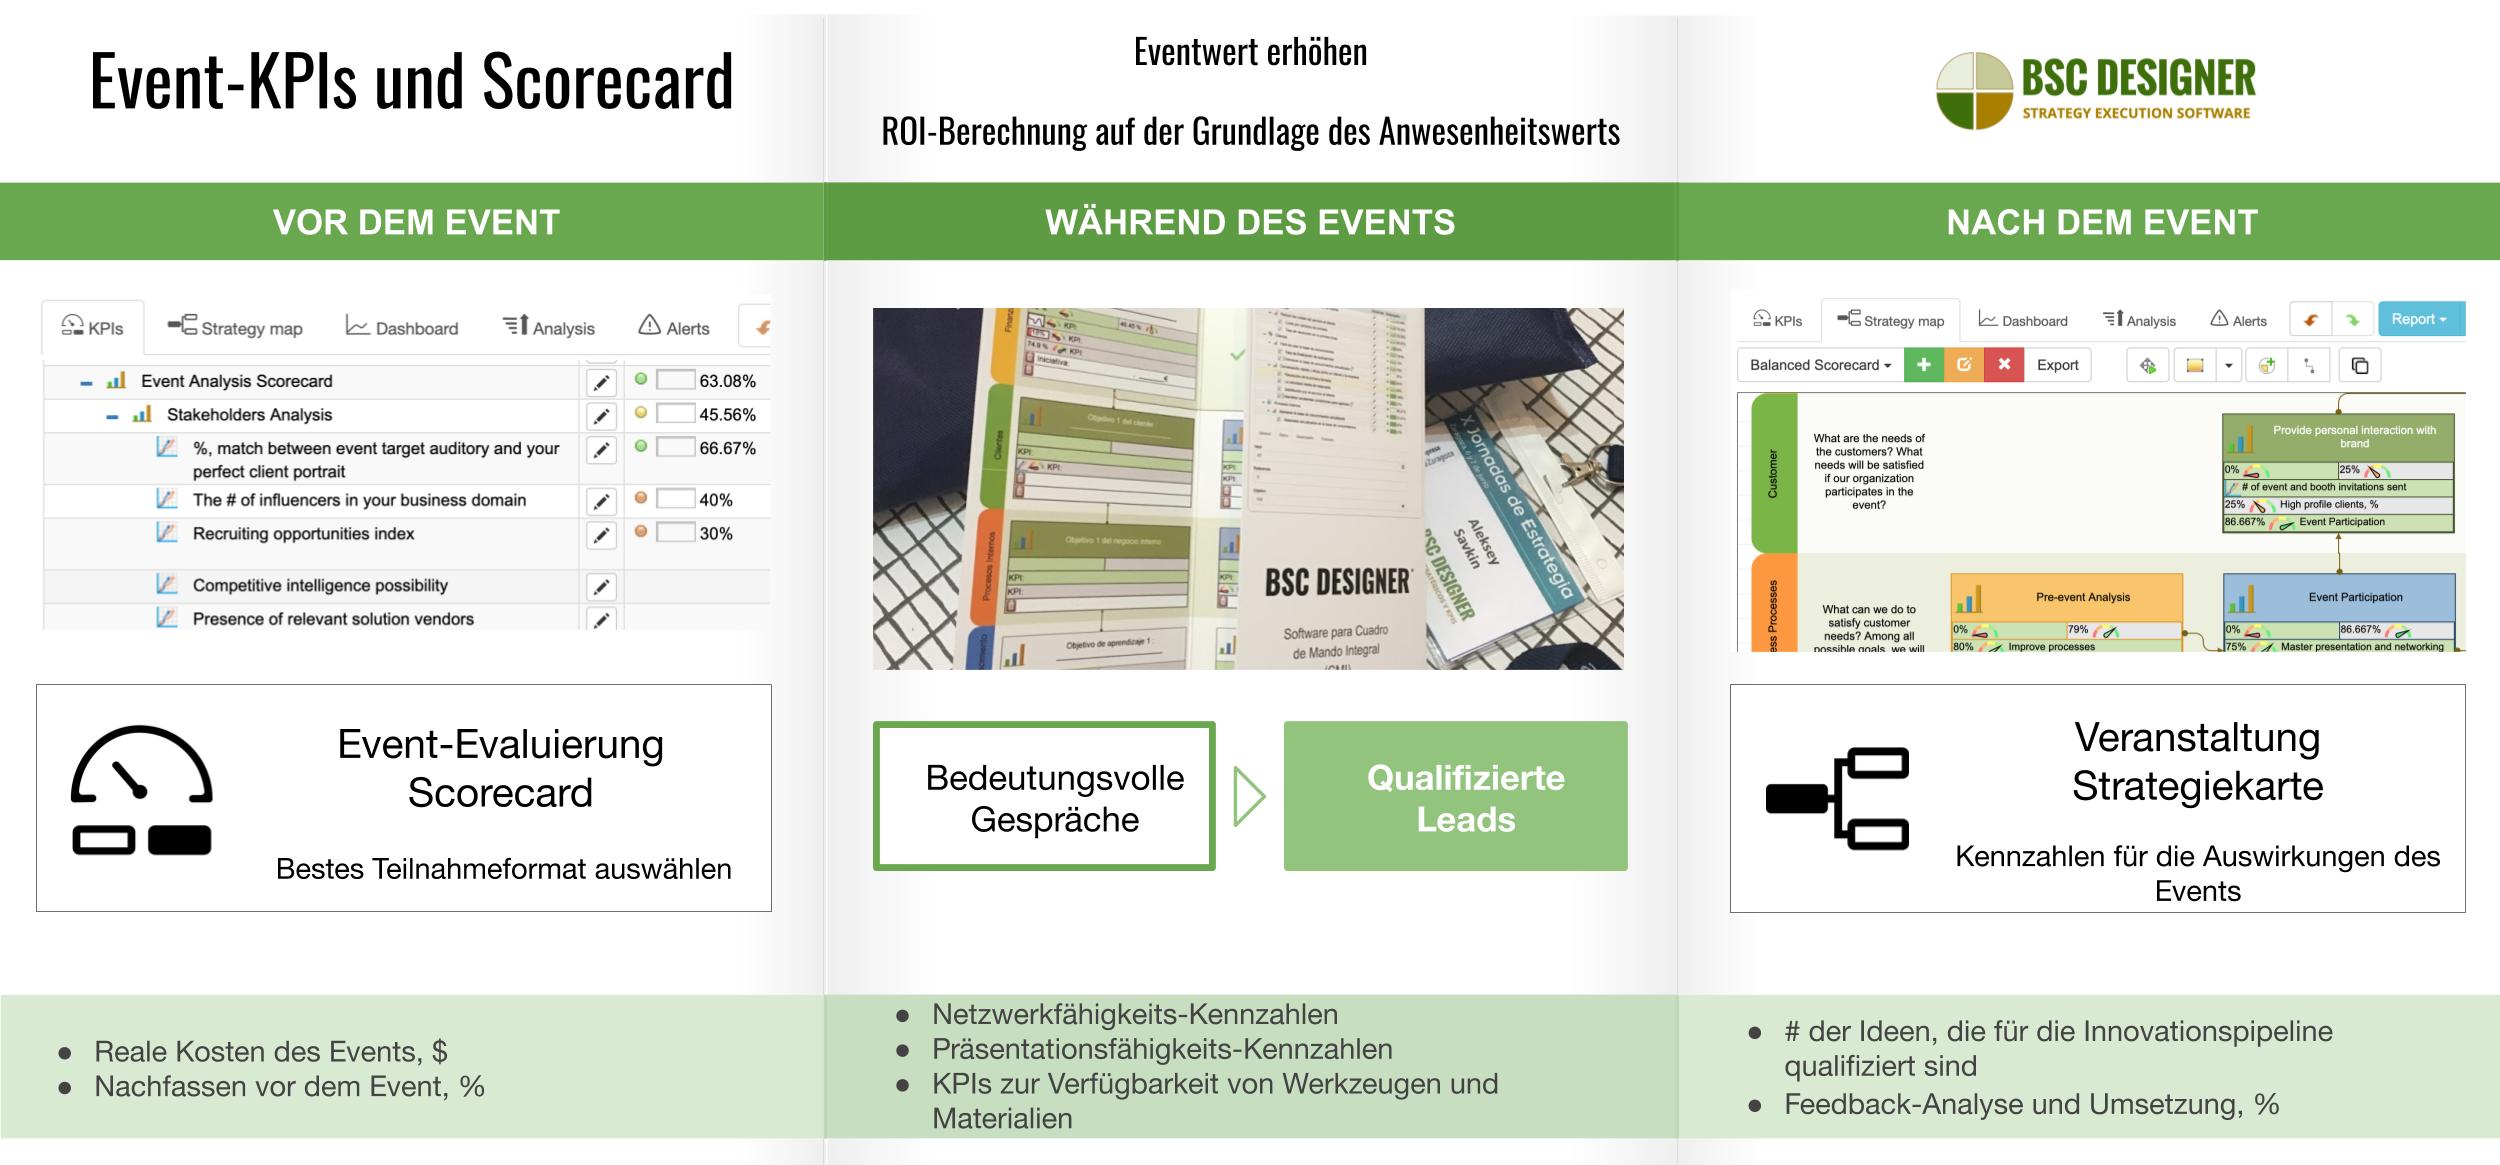 Event-KPIs und Scorecard: Erhöhen Sie den Wert des Events + Berechnen Sie den ROI basierend auf dem Anwesenheitswert